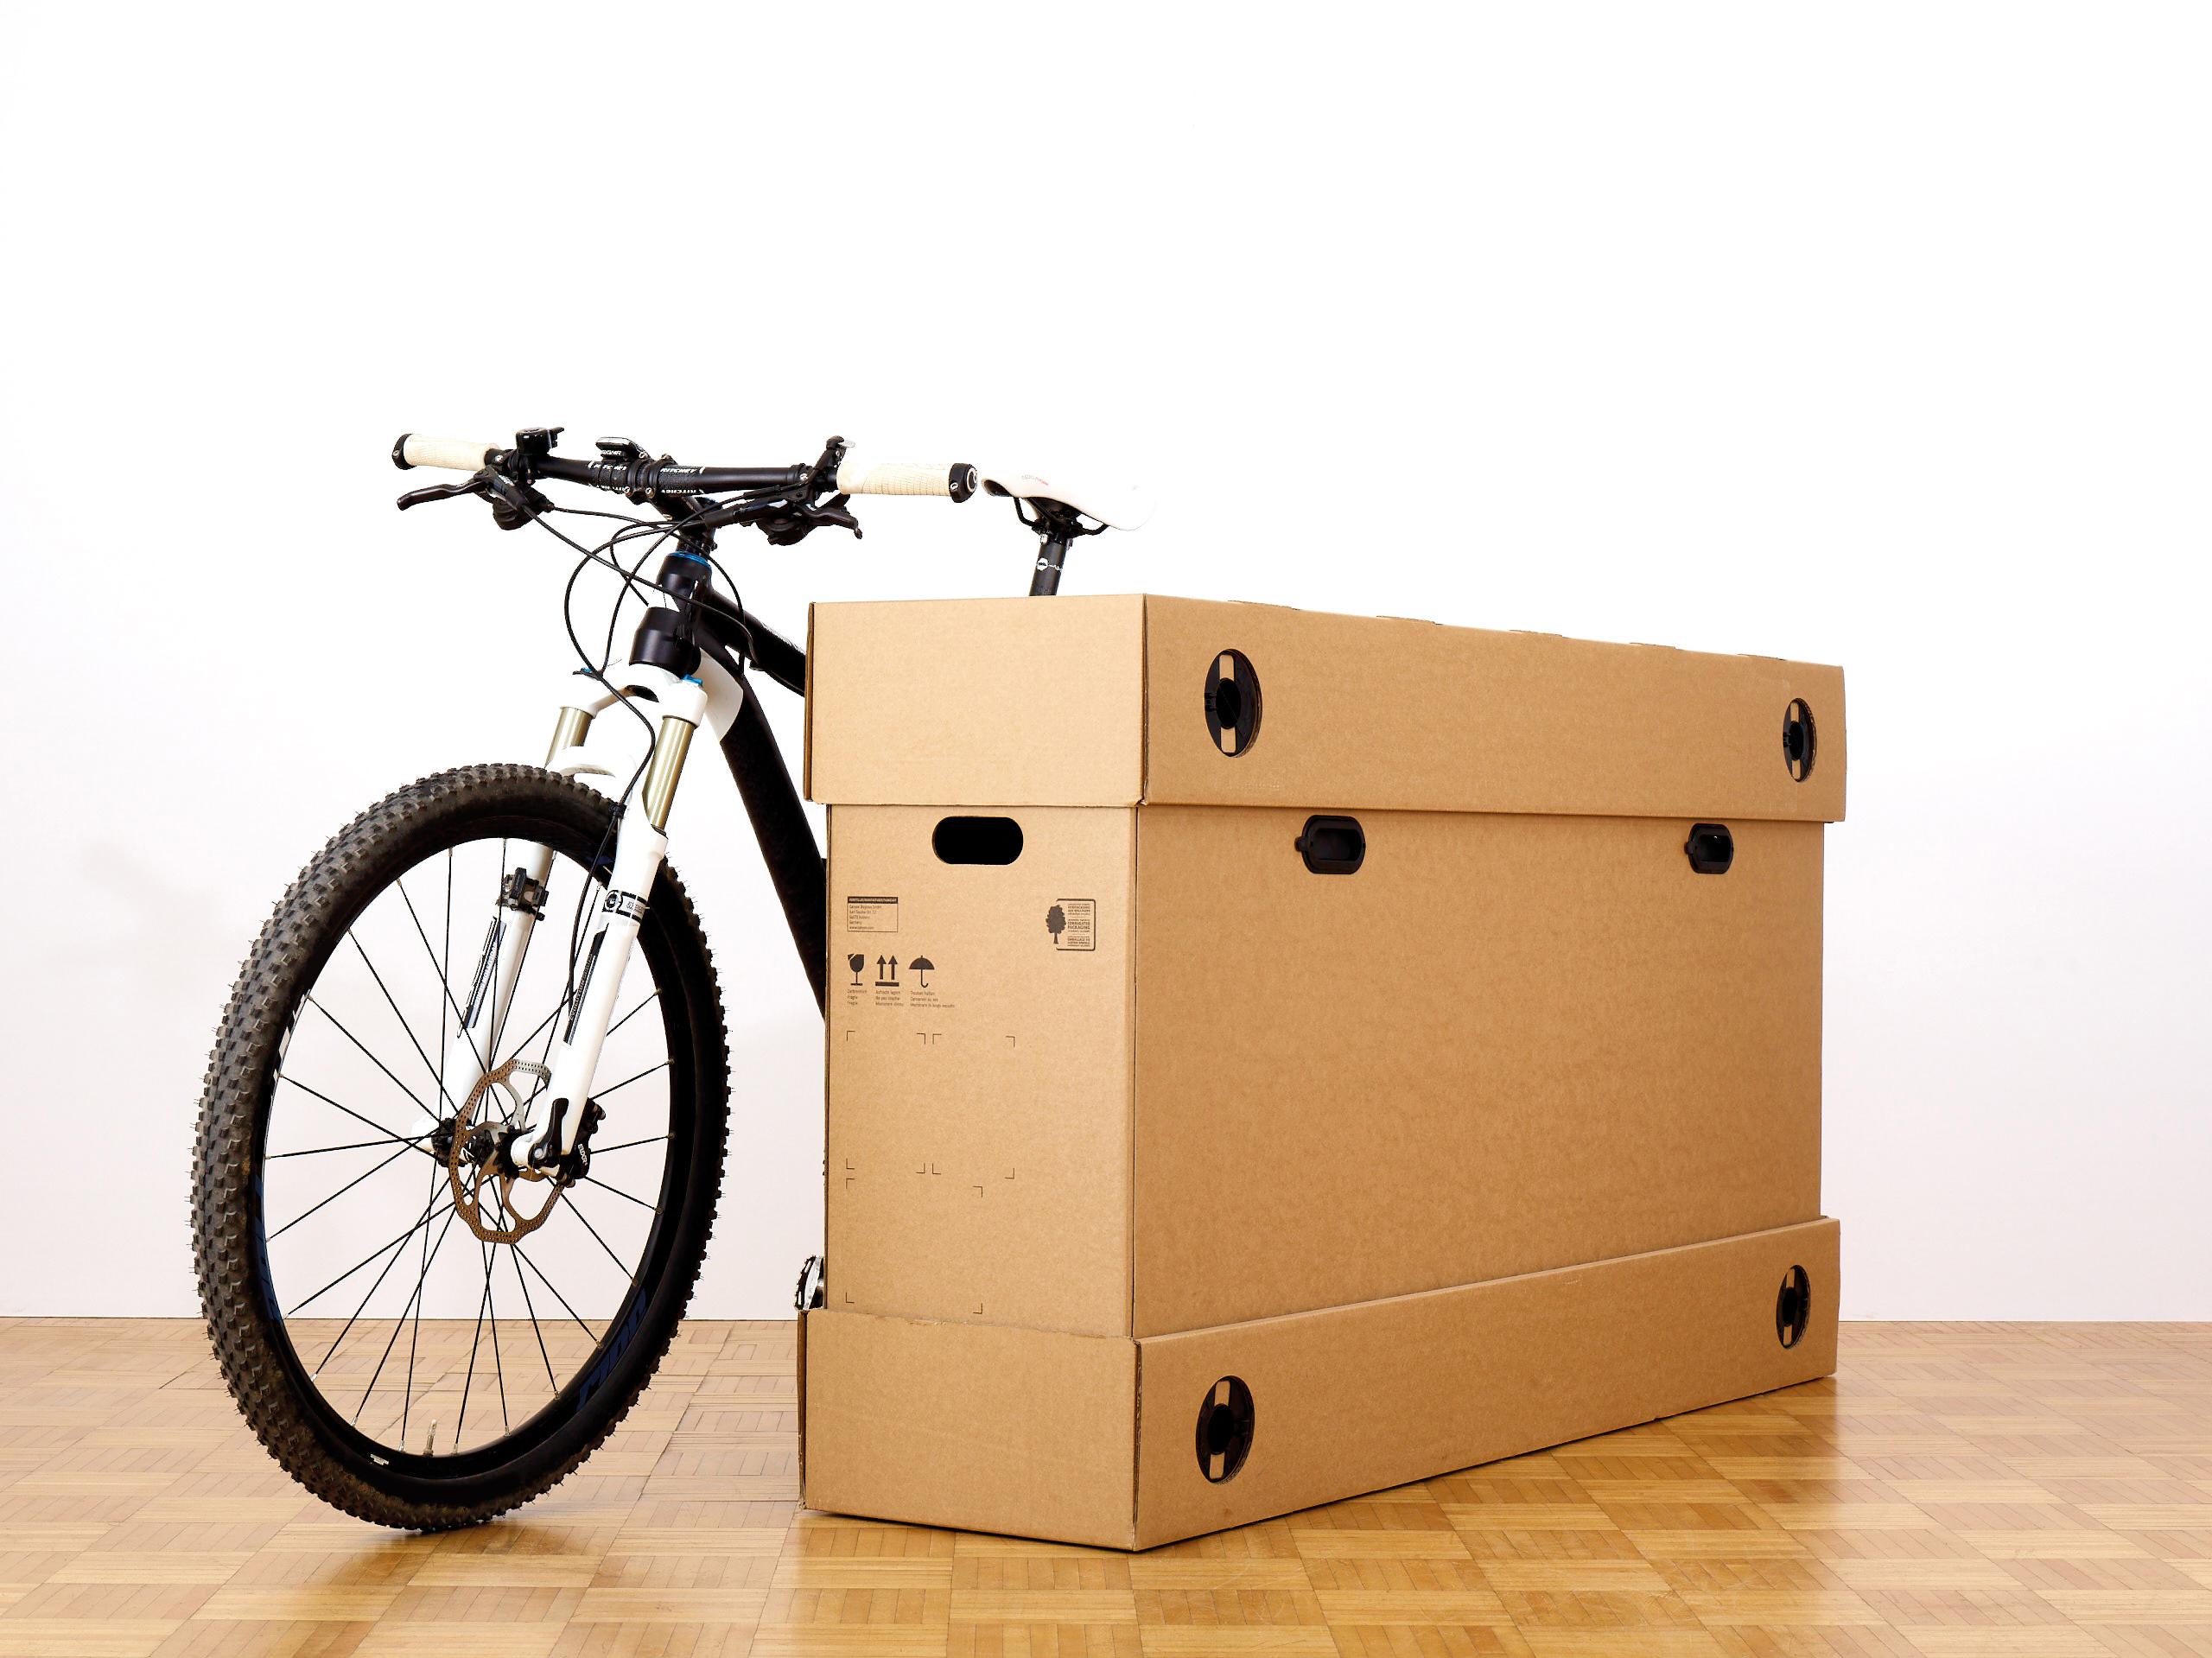 Transportverpackung aus Wellpappe mit einem Fahrrad